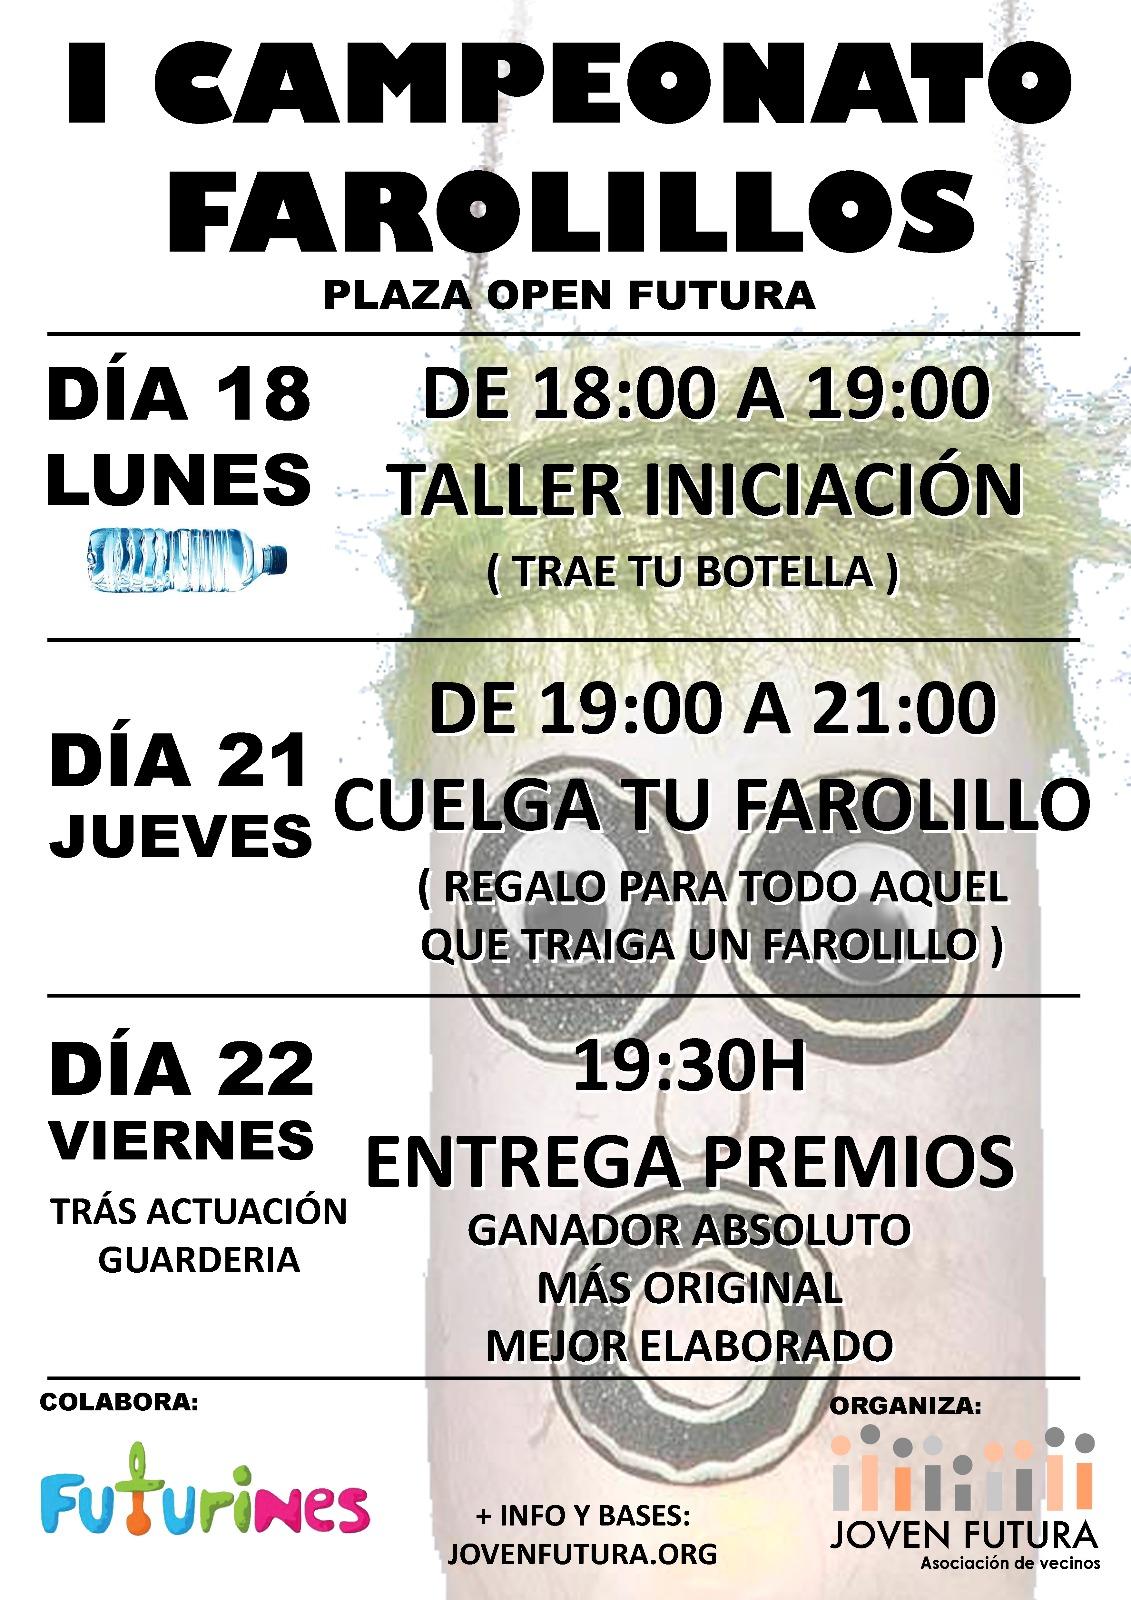 2018-06-12 Cartel Taller Farolillos Joven Futura